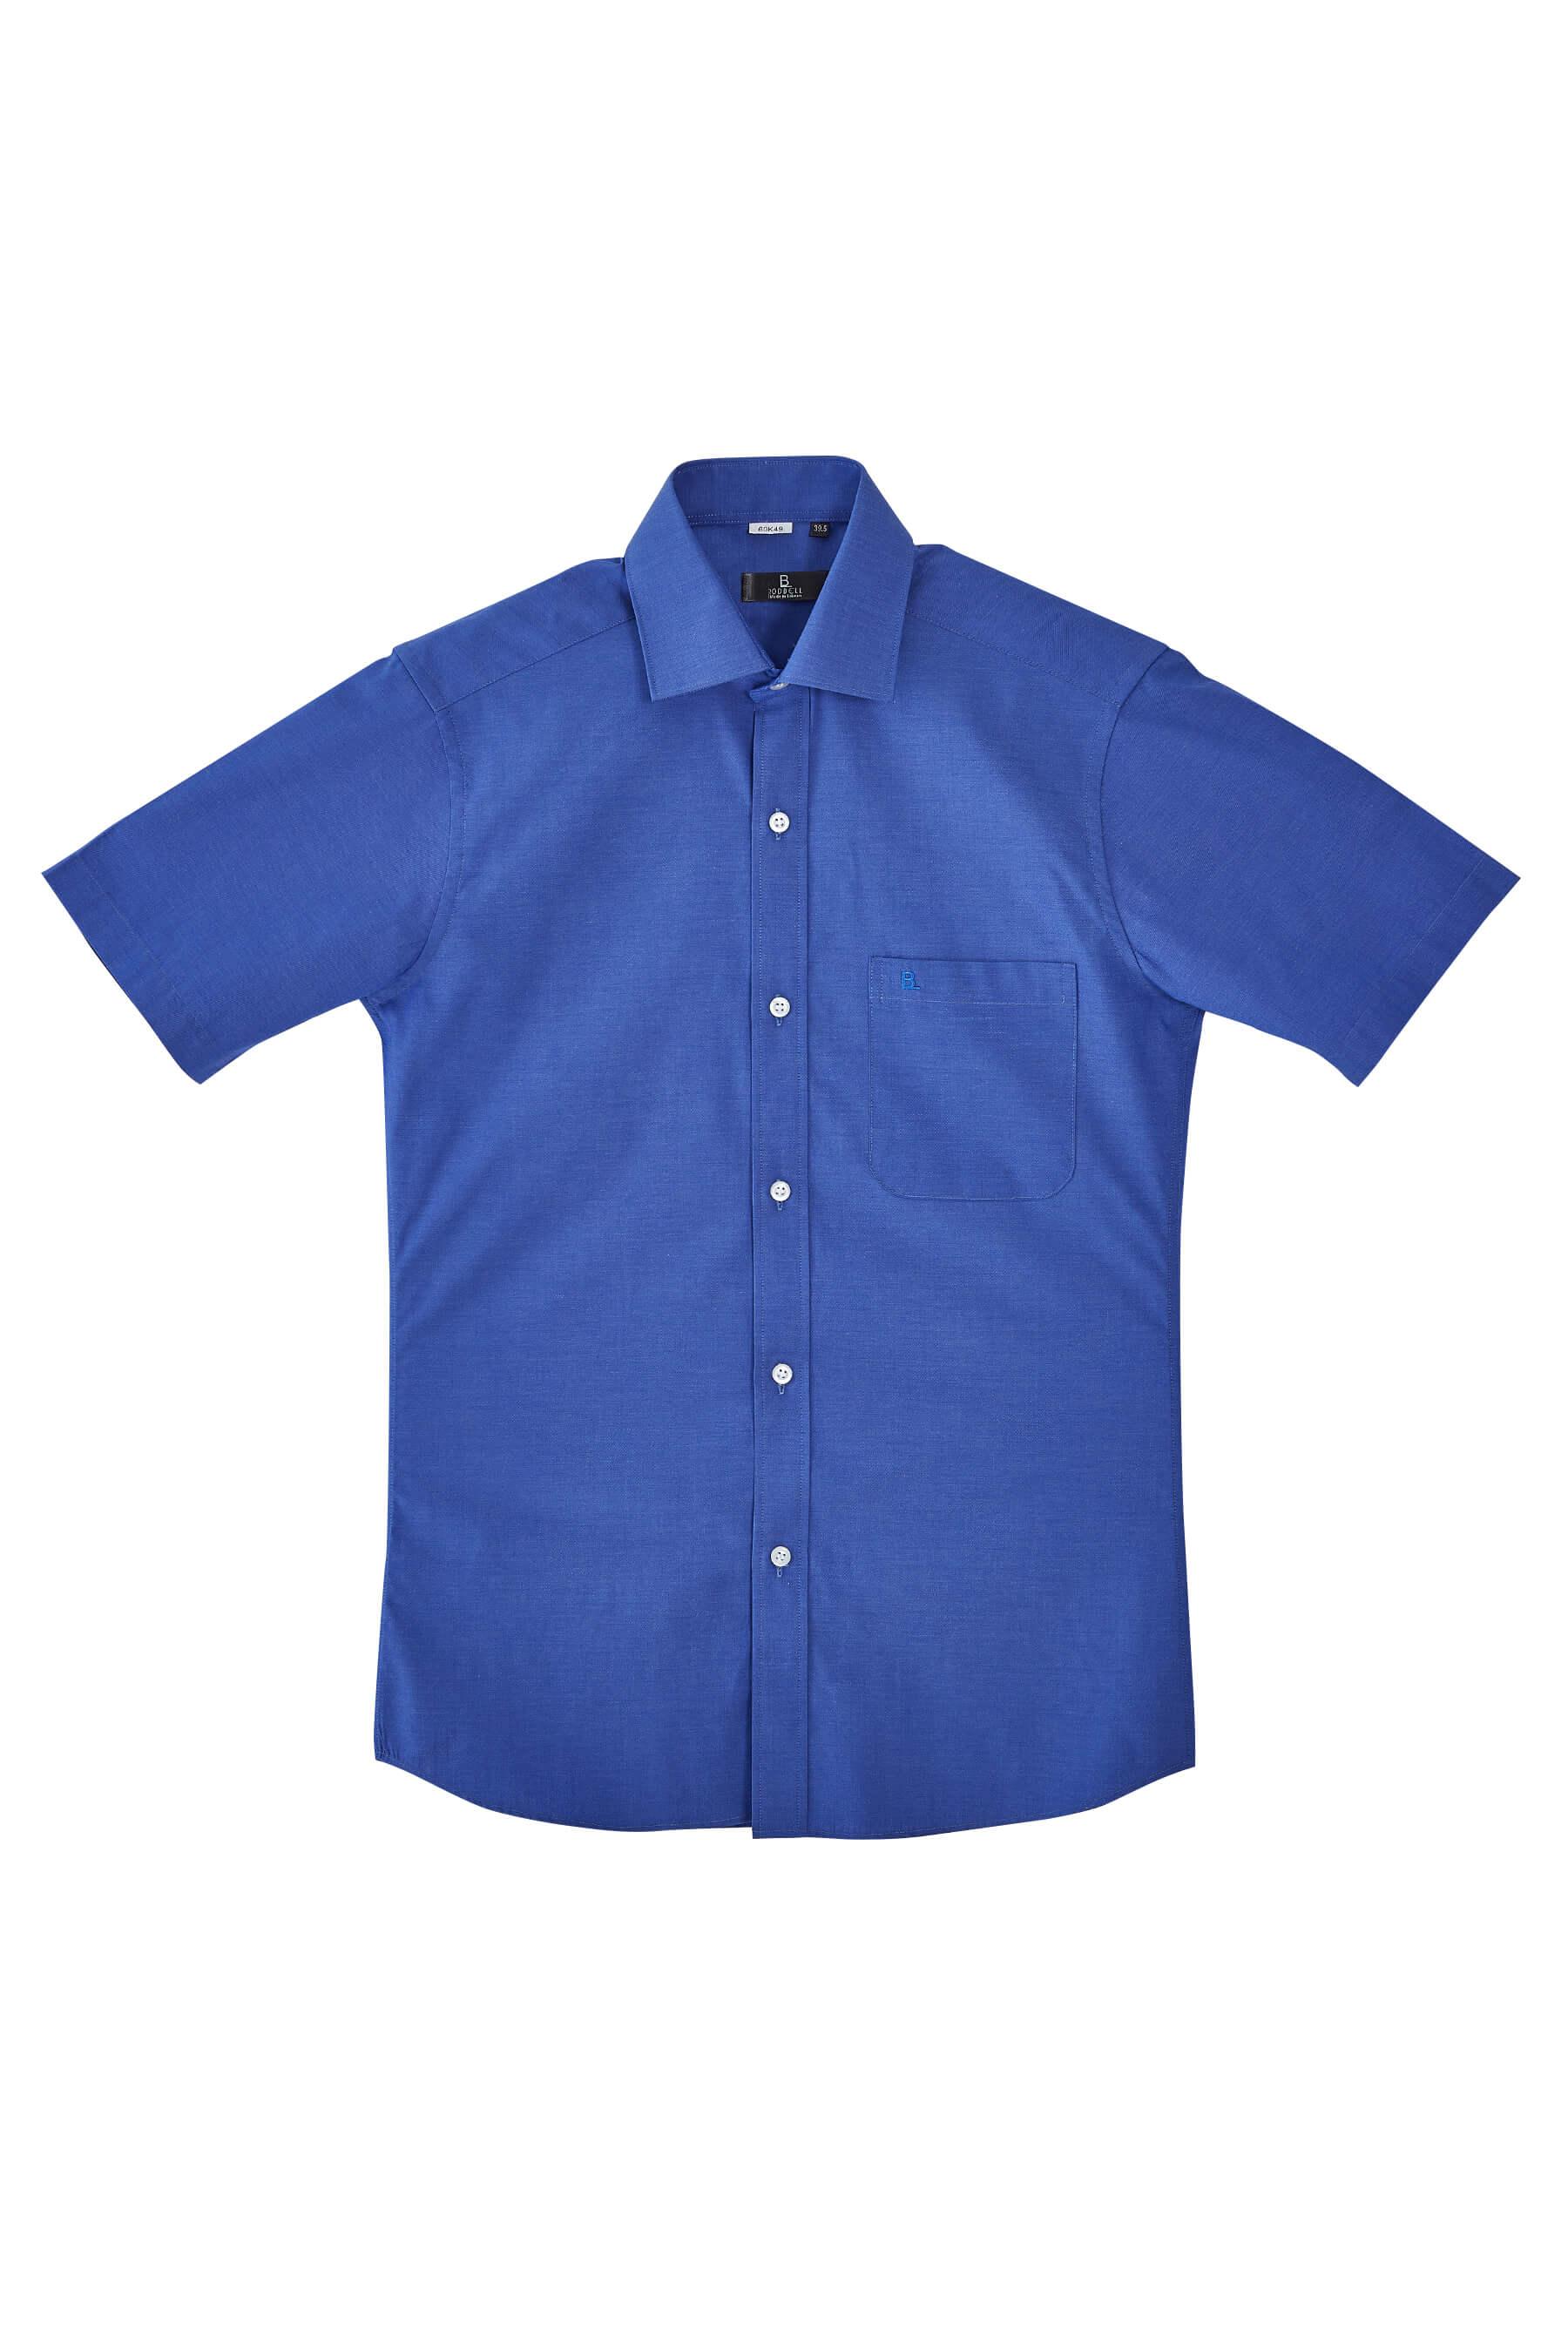 藍色素面棉質短袖襯衫/舒適透氣